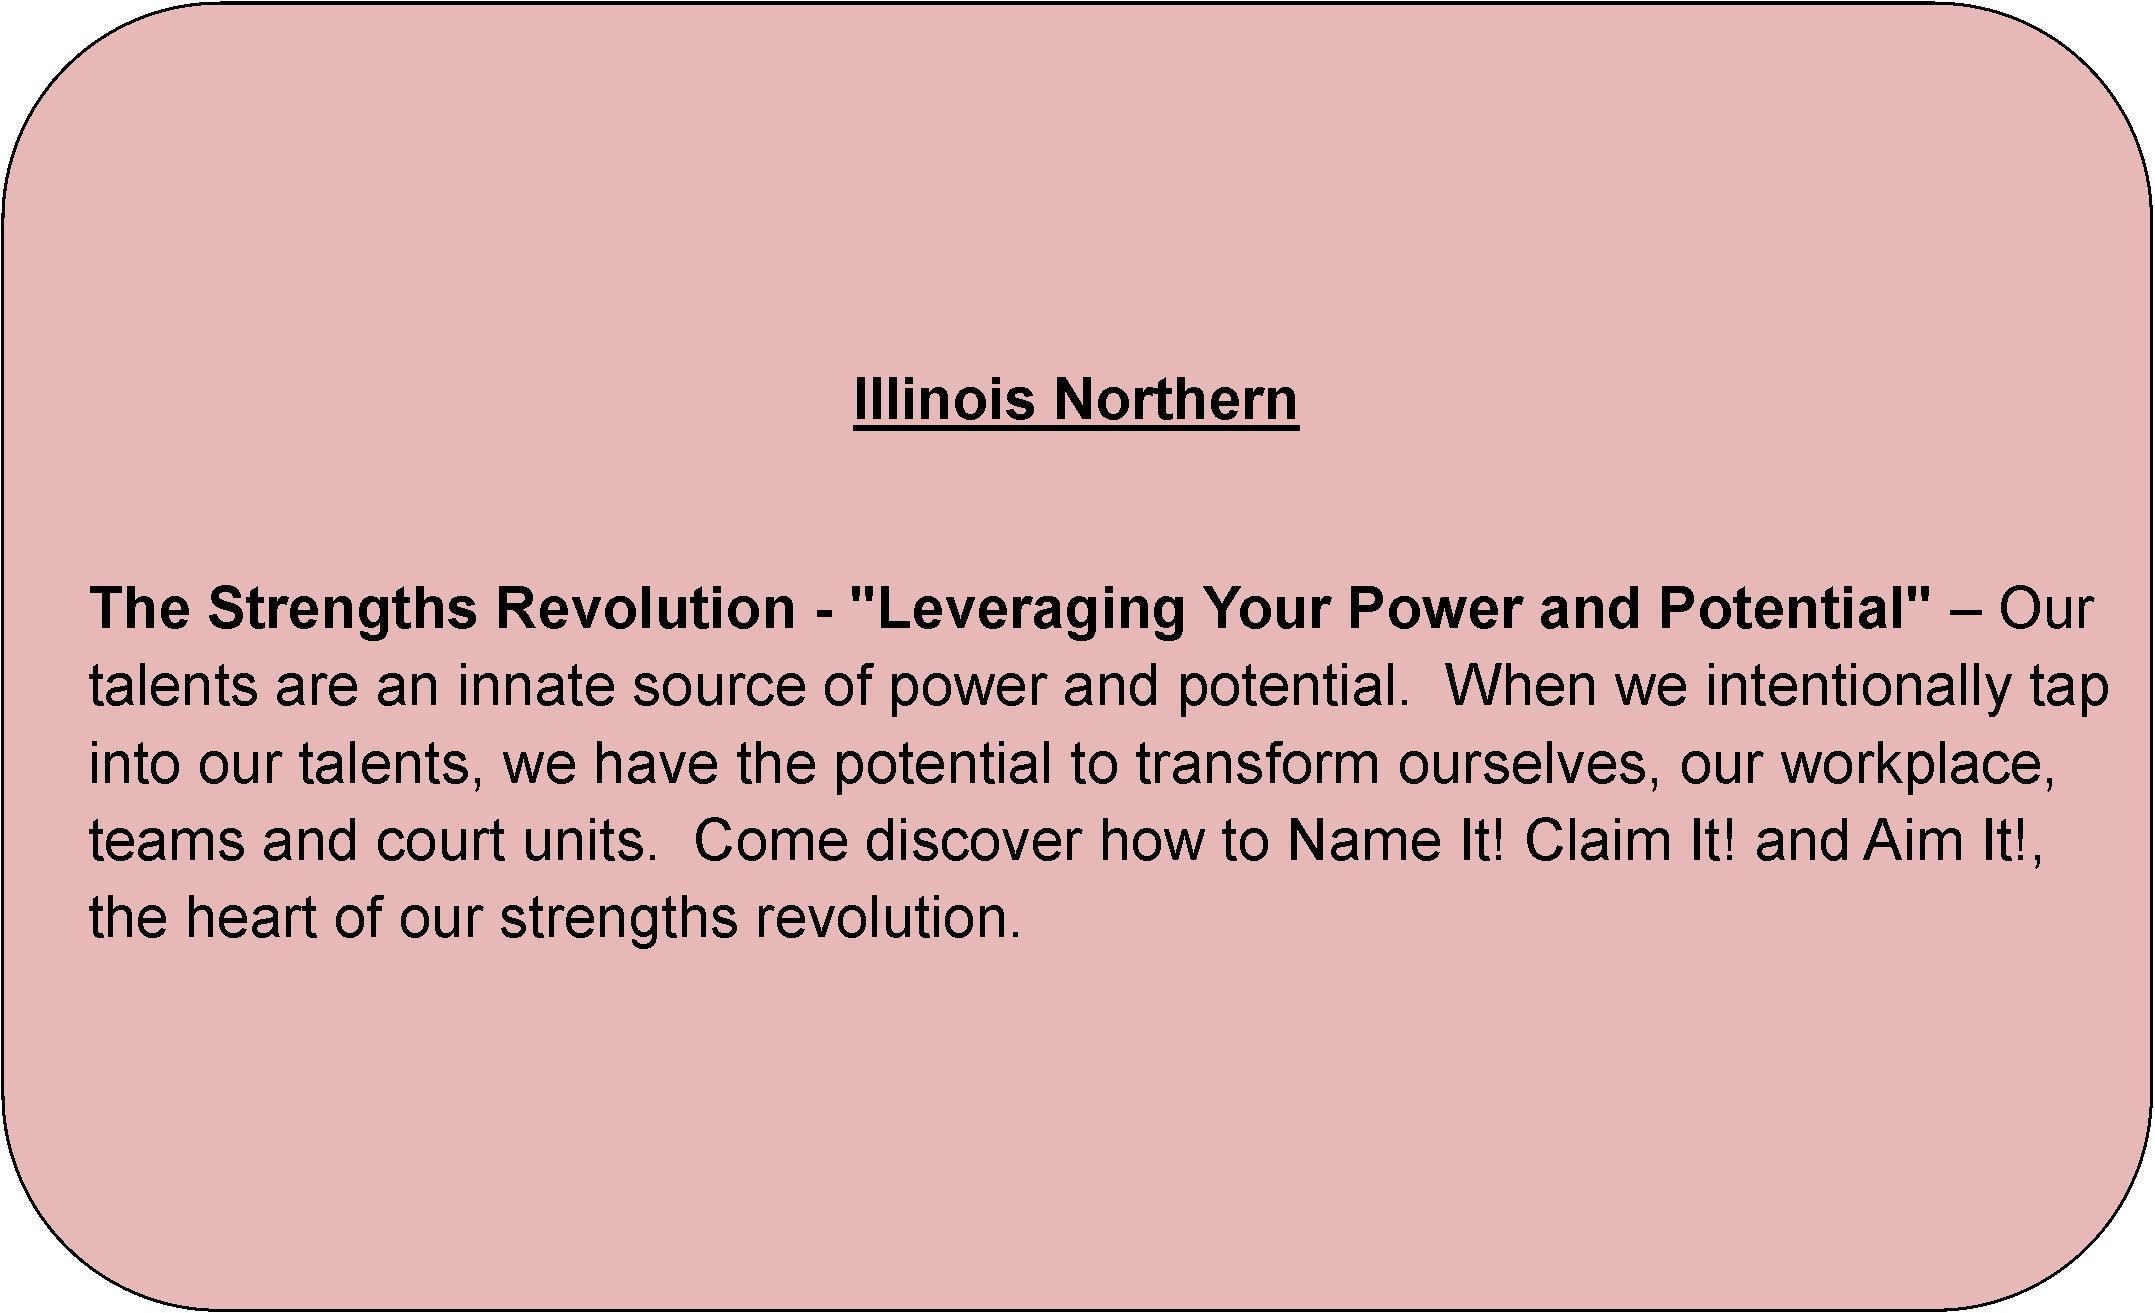 Illinois Northern_3.jpg